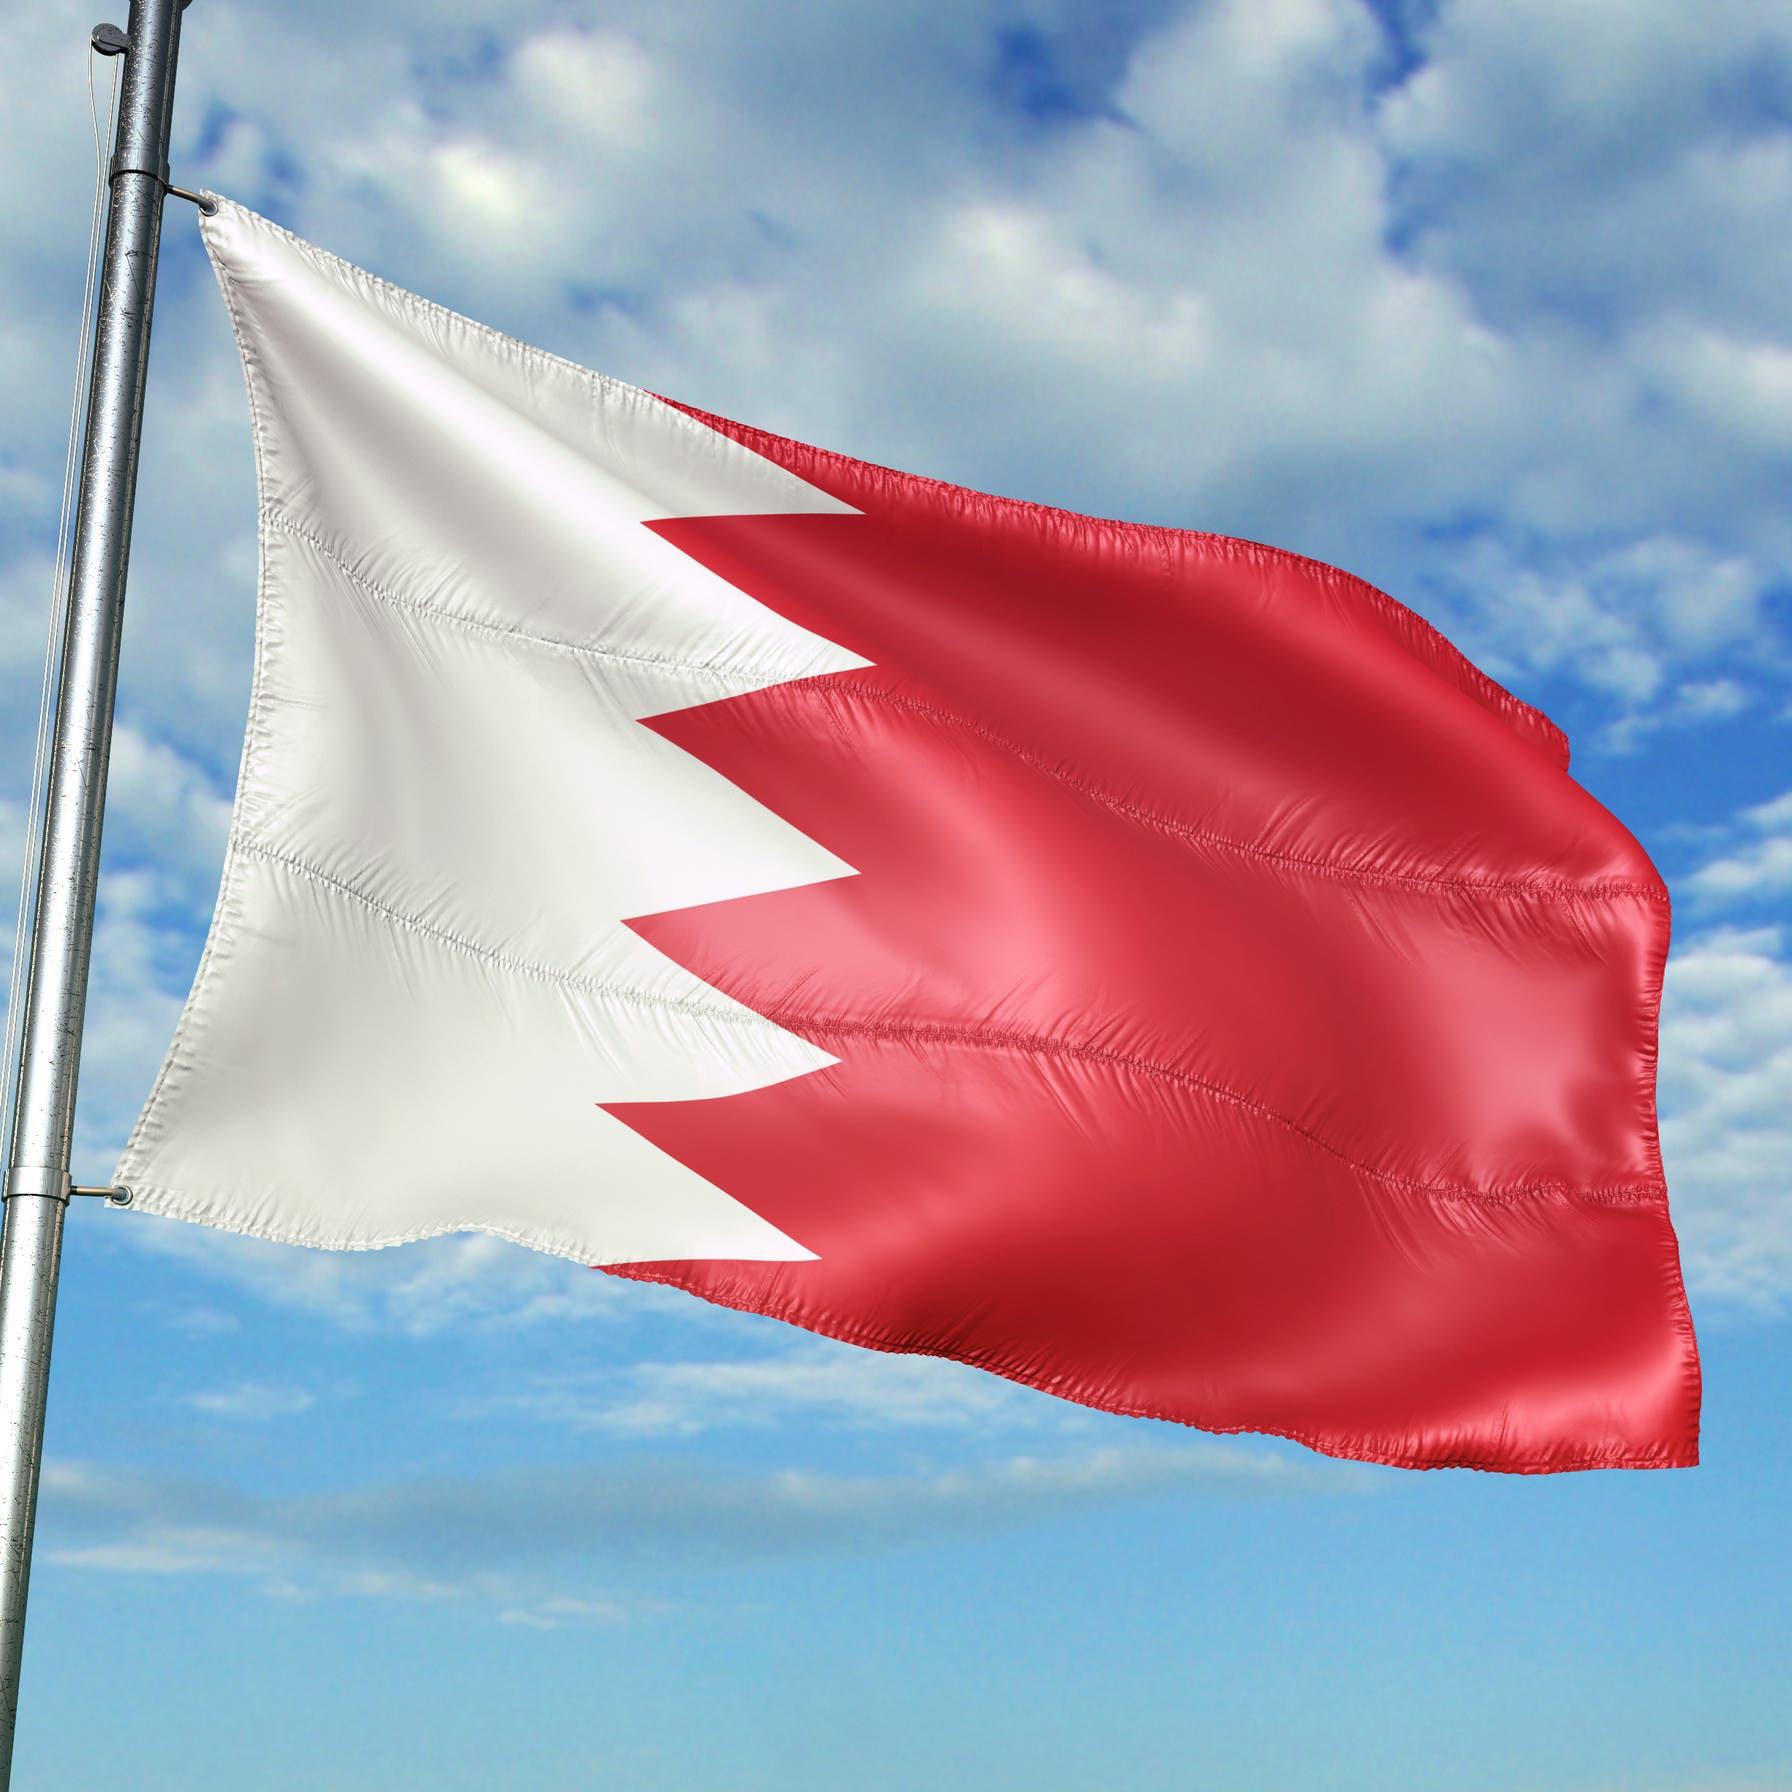 وسائل إعلام: البحرين تدرس زيادة ضريبة القيمة المضافة إلى 10%